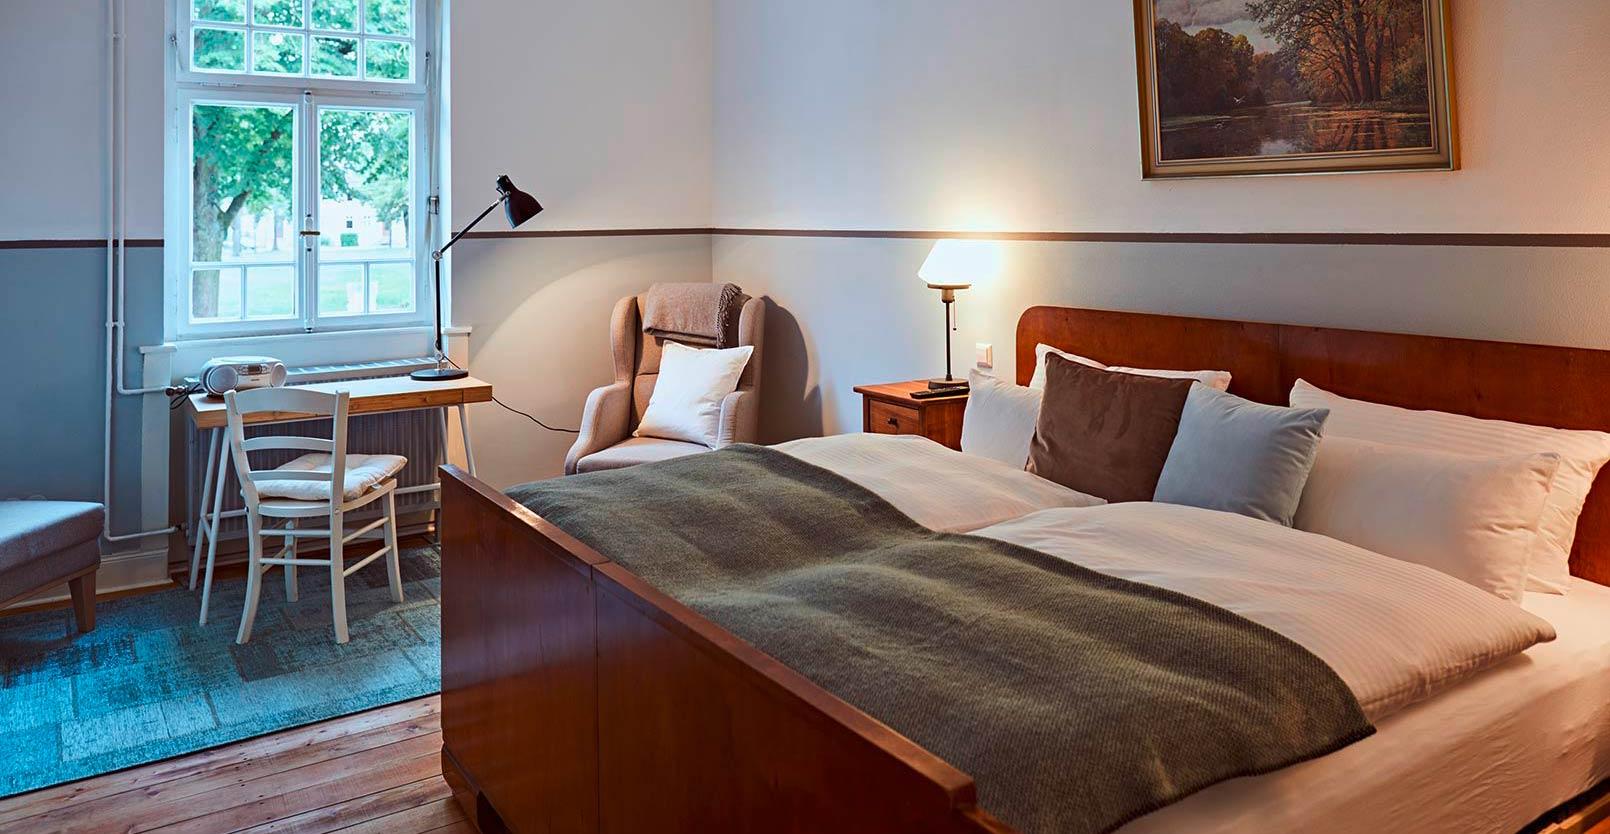 head-mina-gaestewohnung-heidelberg-schlafzimmer